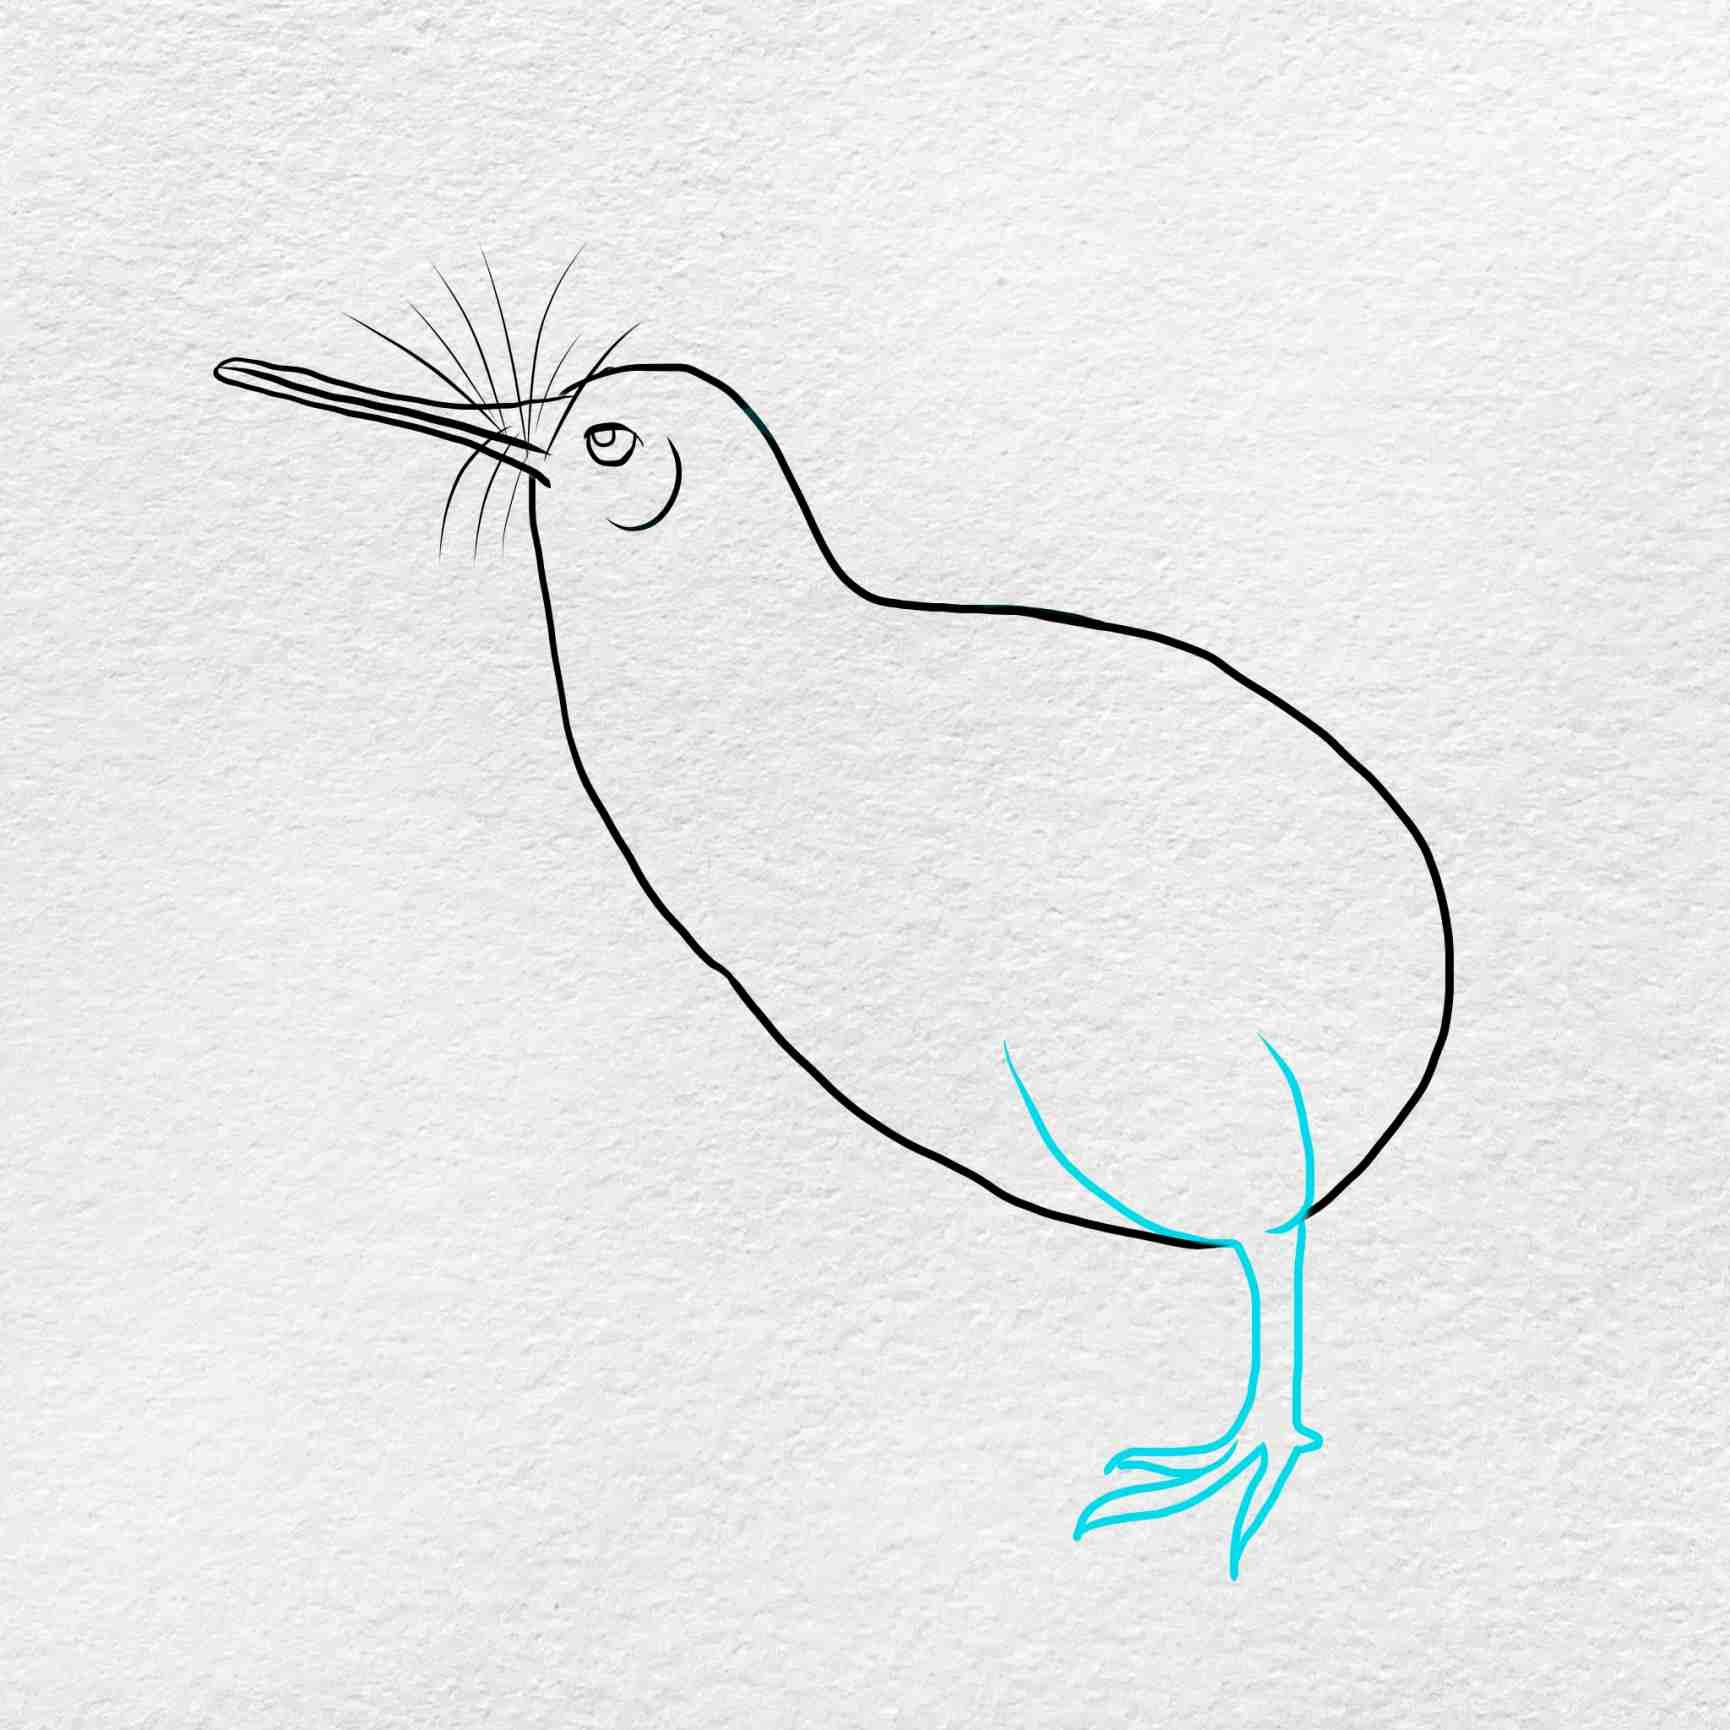 How To Draw Kiwi Bird: Step 4